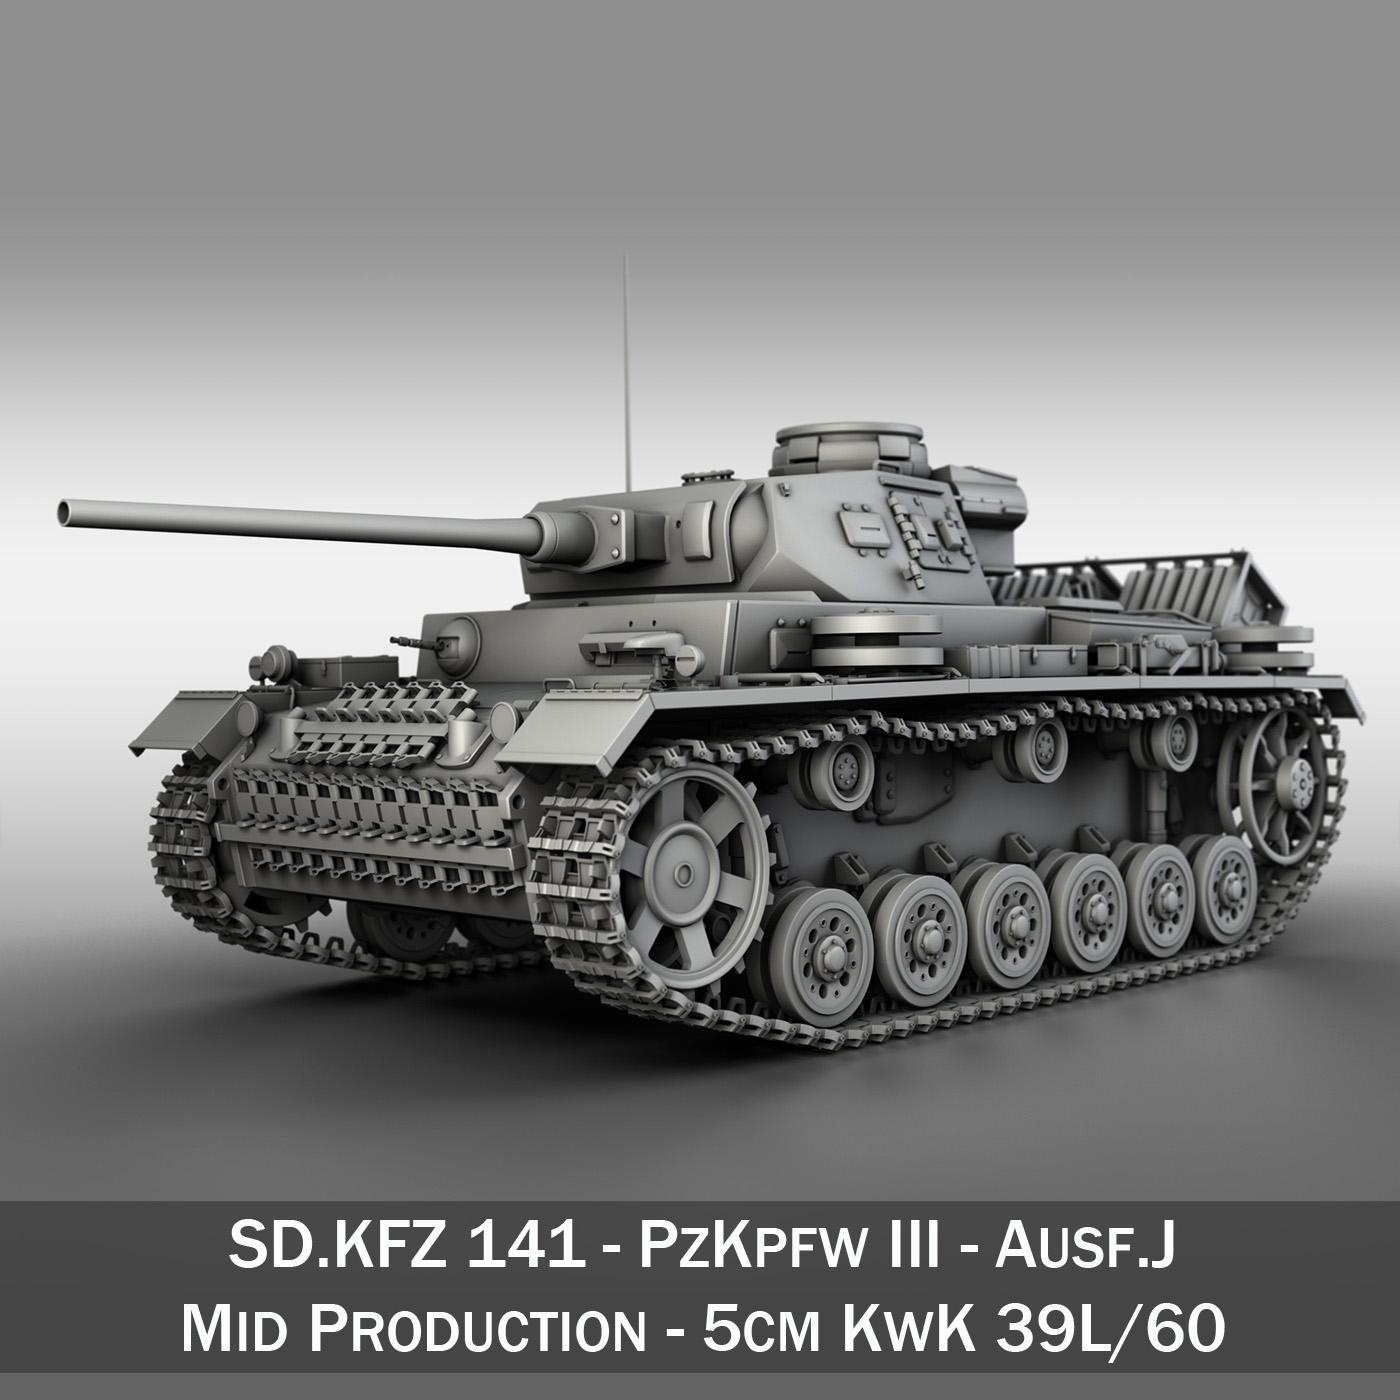 sd.kfz 141 pzkpfw 3 panzer 3 ausf.j 3d model 3ds fbx c4d lwo obj 188991